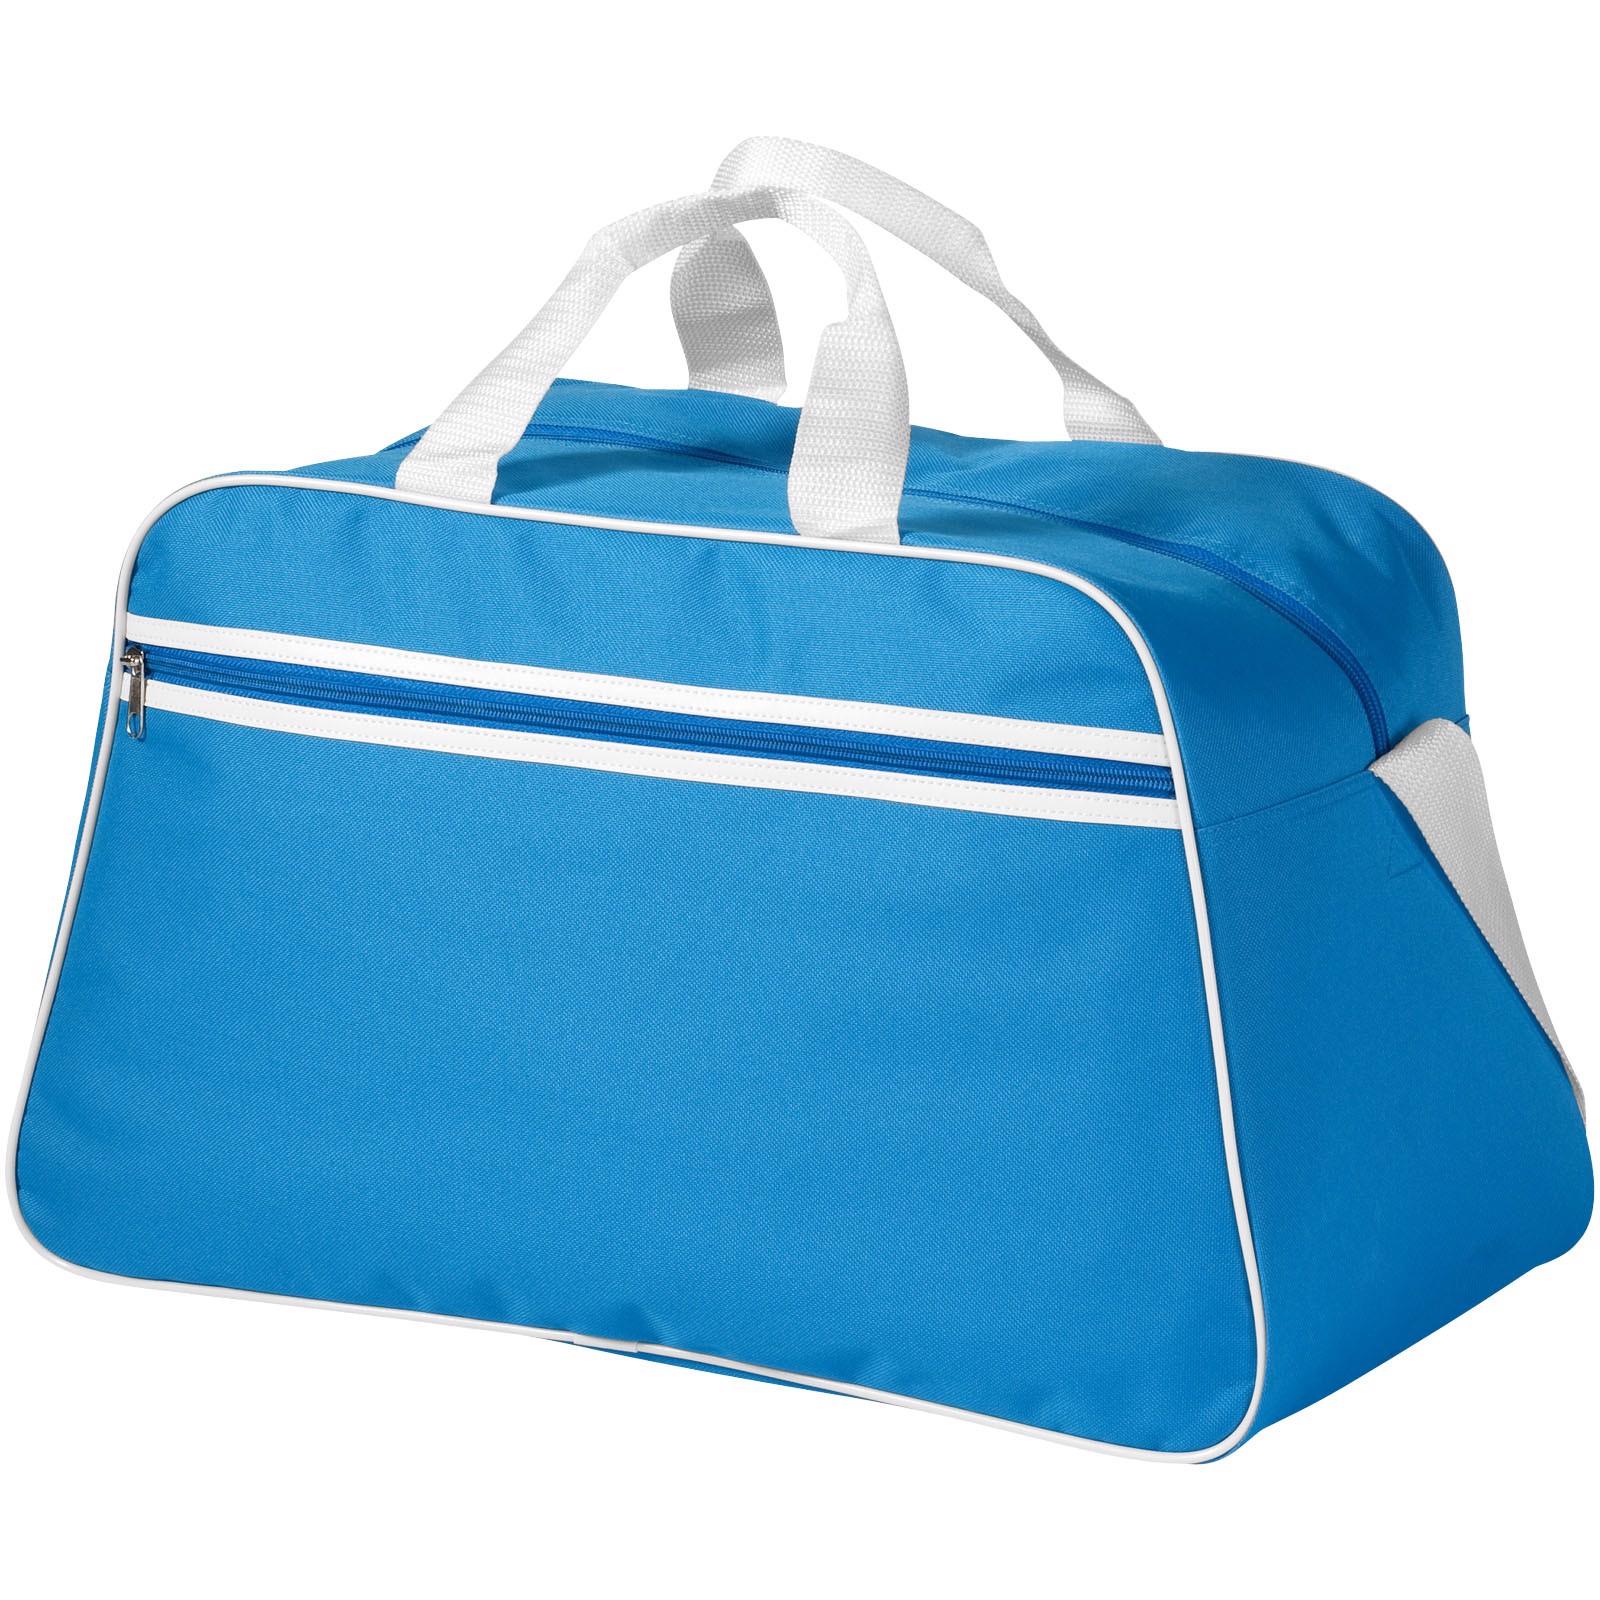 Sportovní taška San Jose - Process blue / Bílá